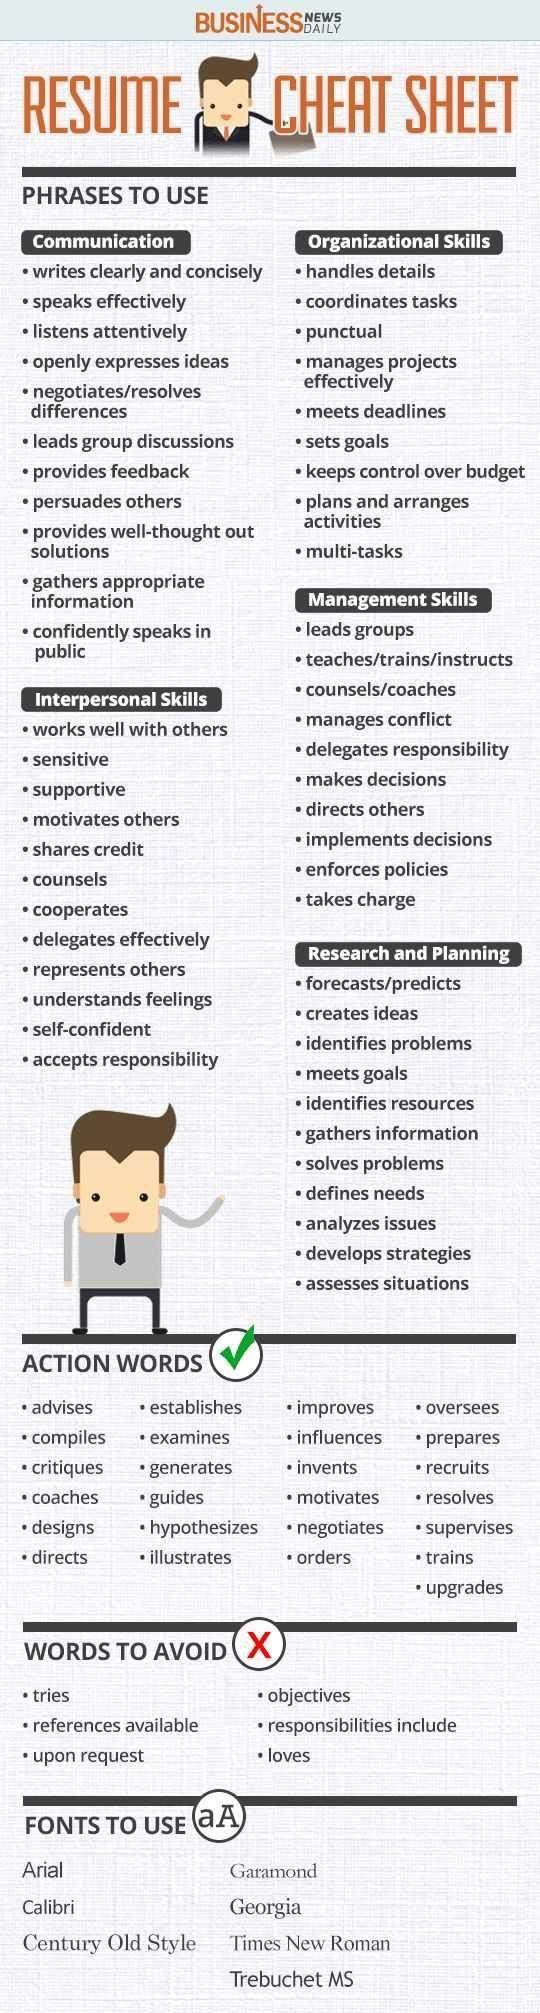 Resume tips - Imgur